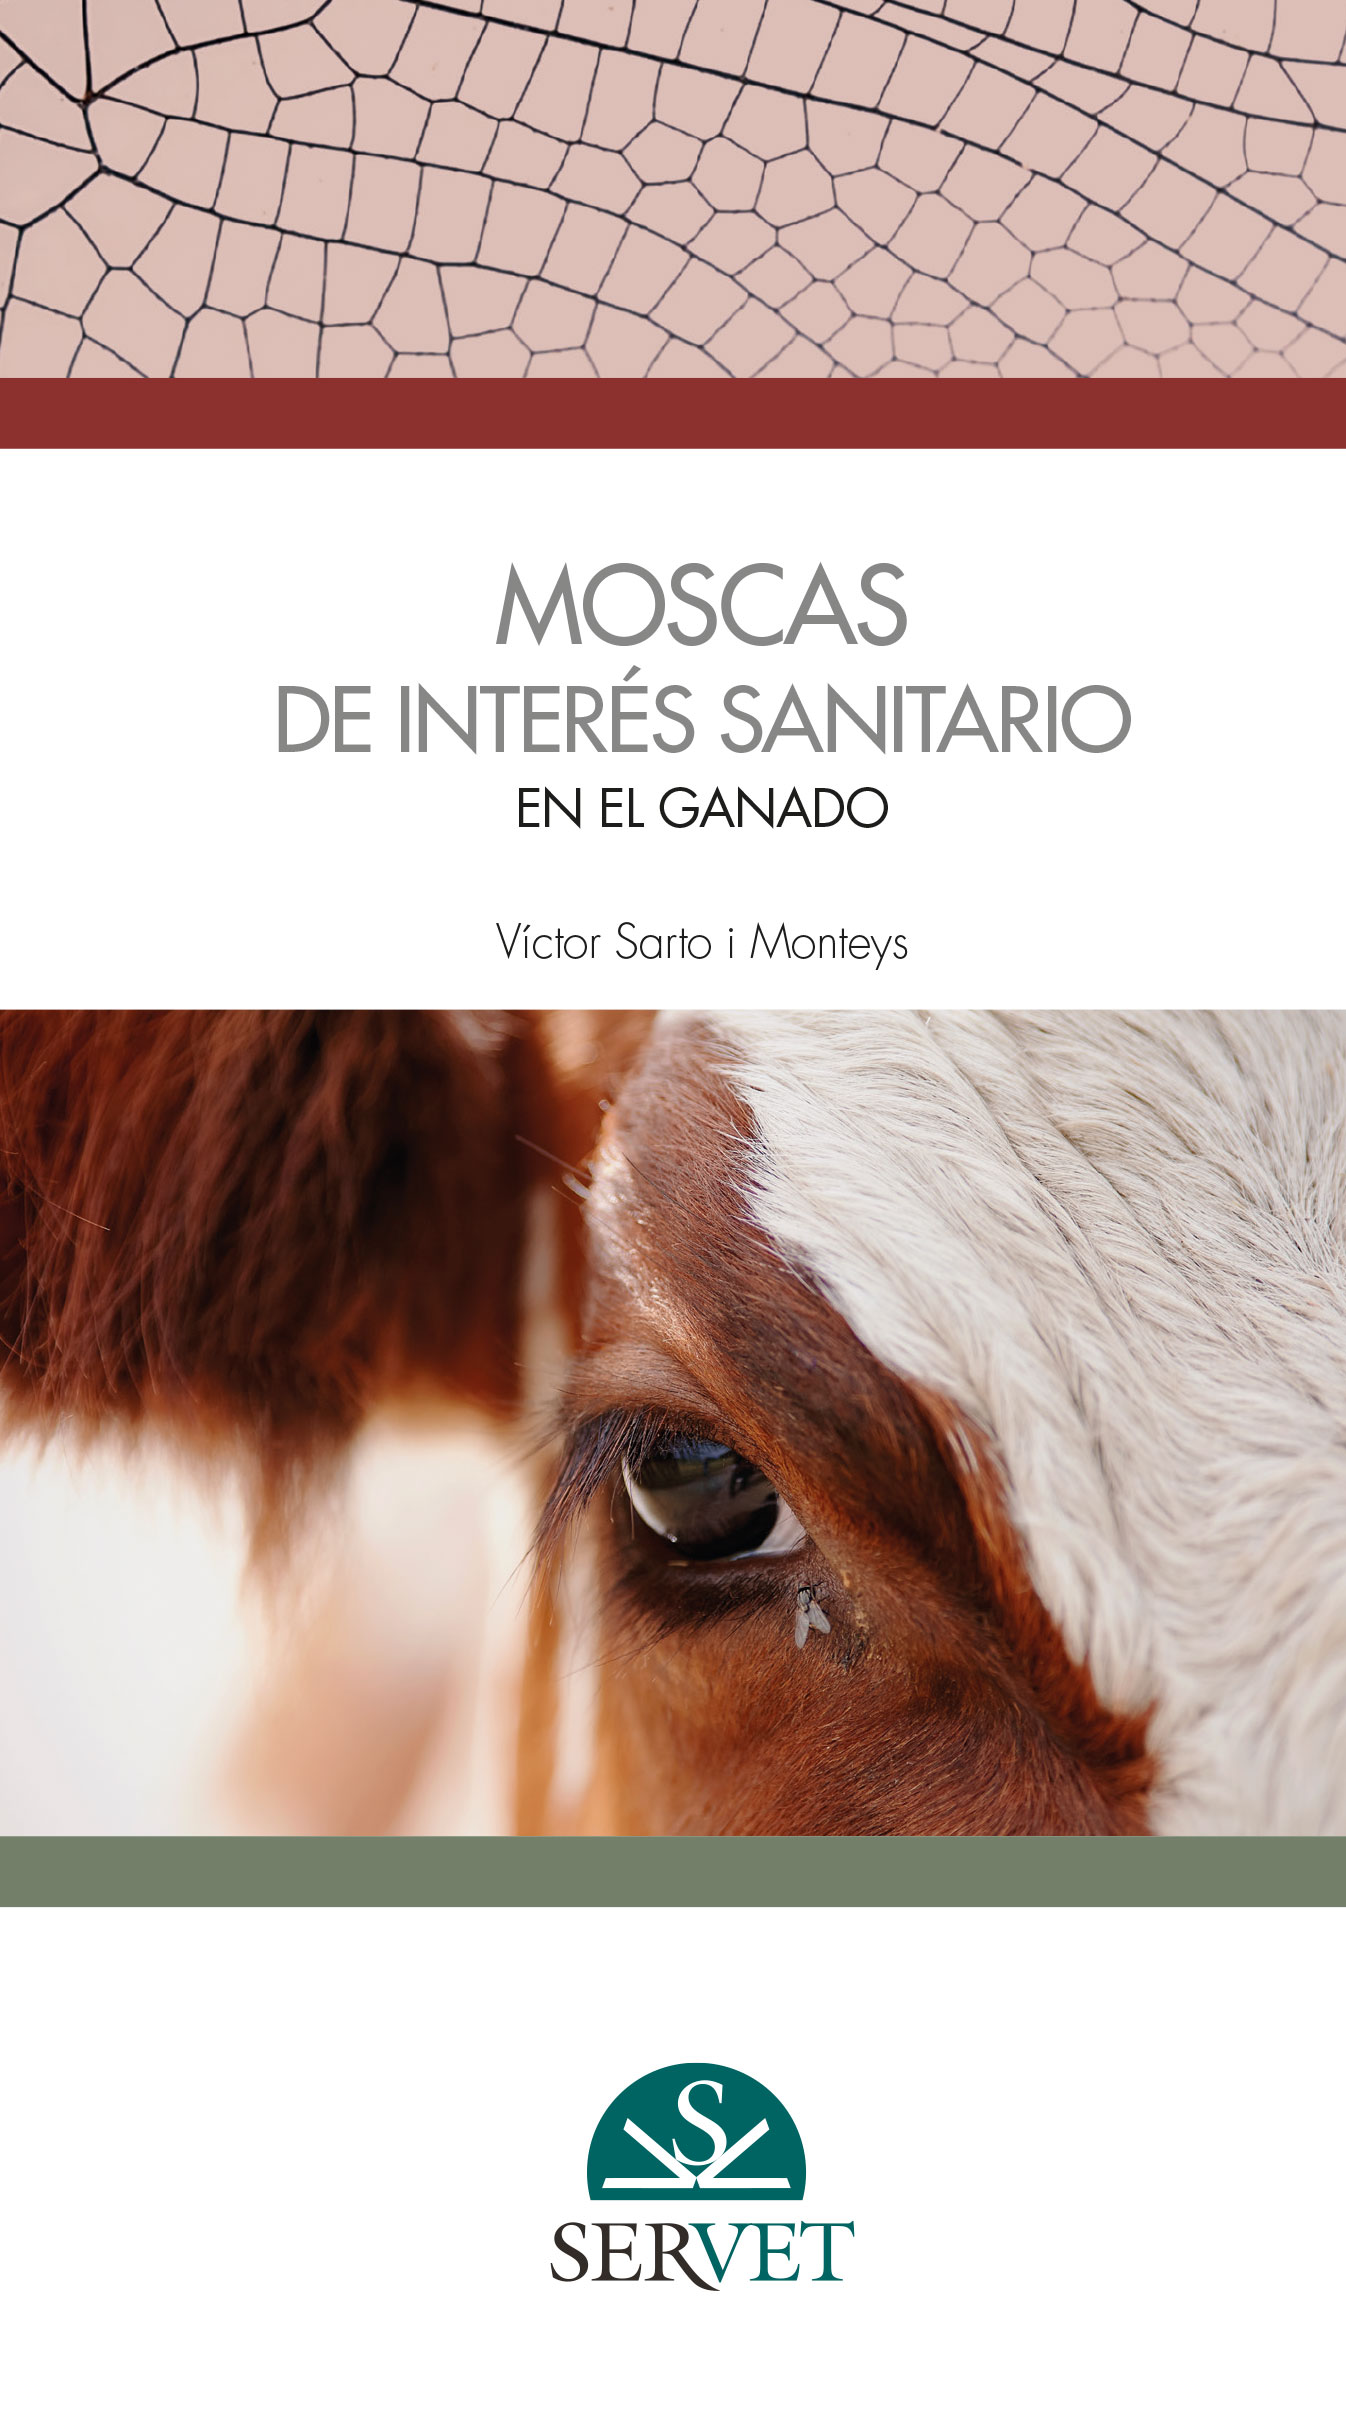 Moscas de interés sanitario en el ganado